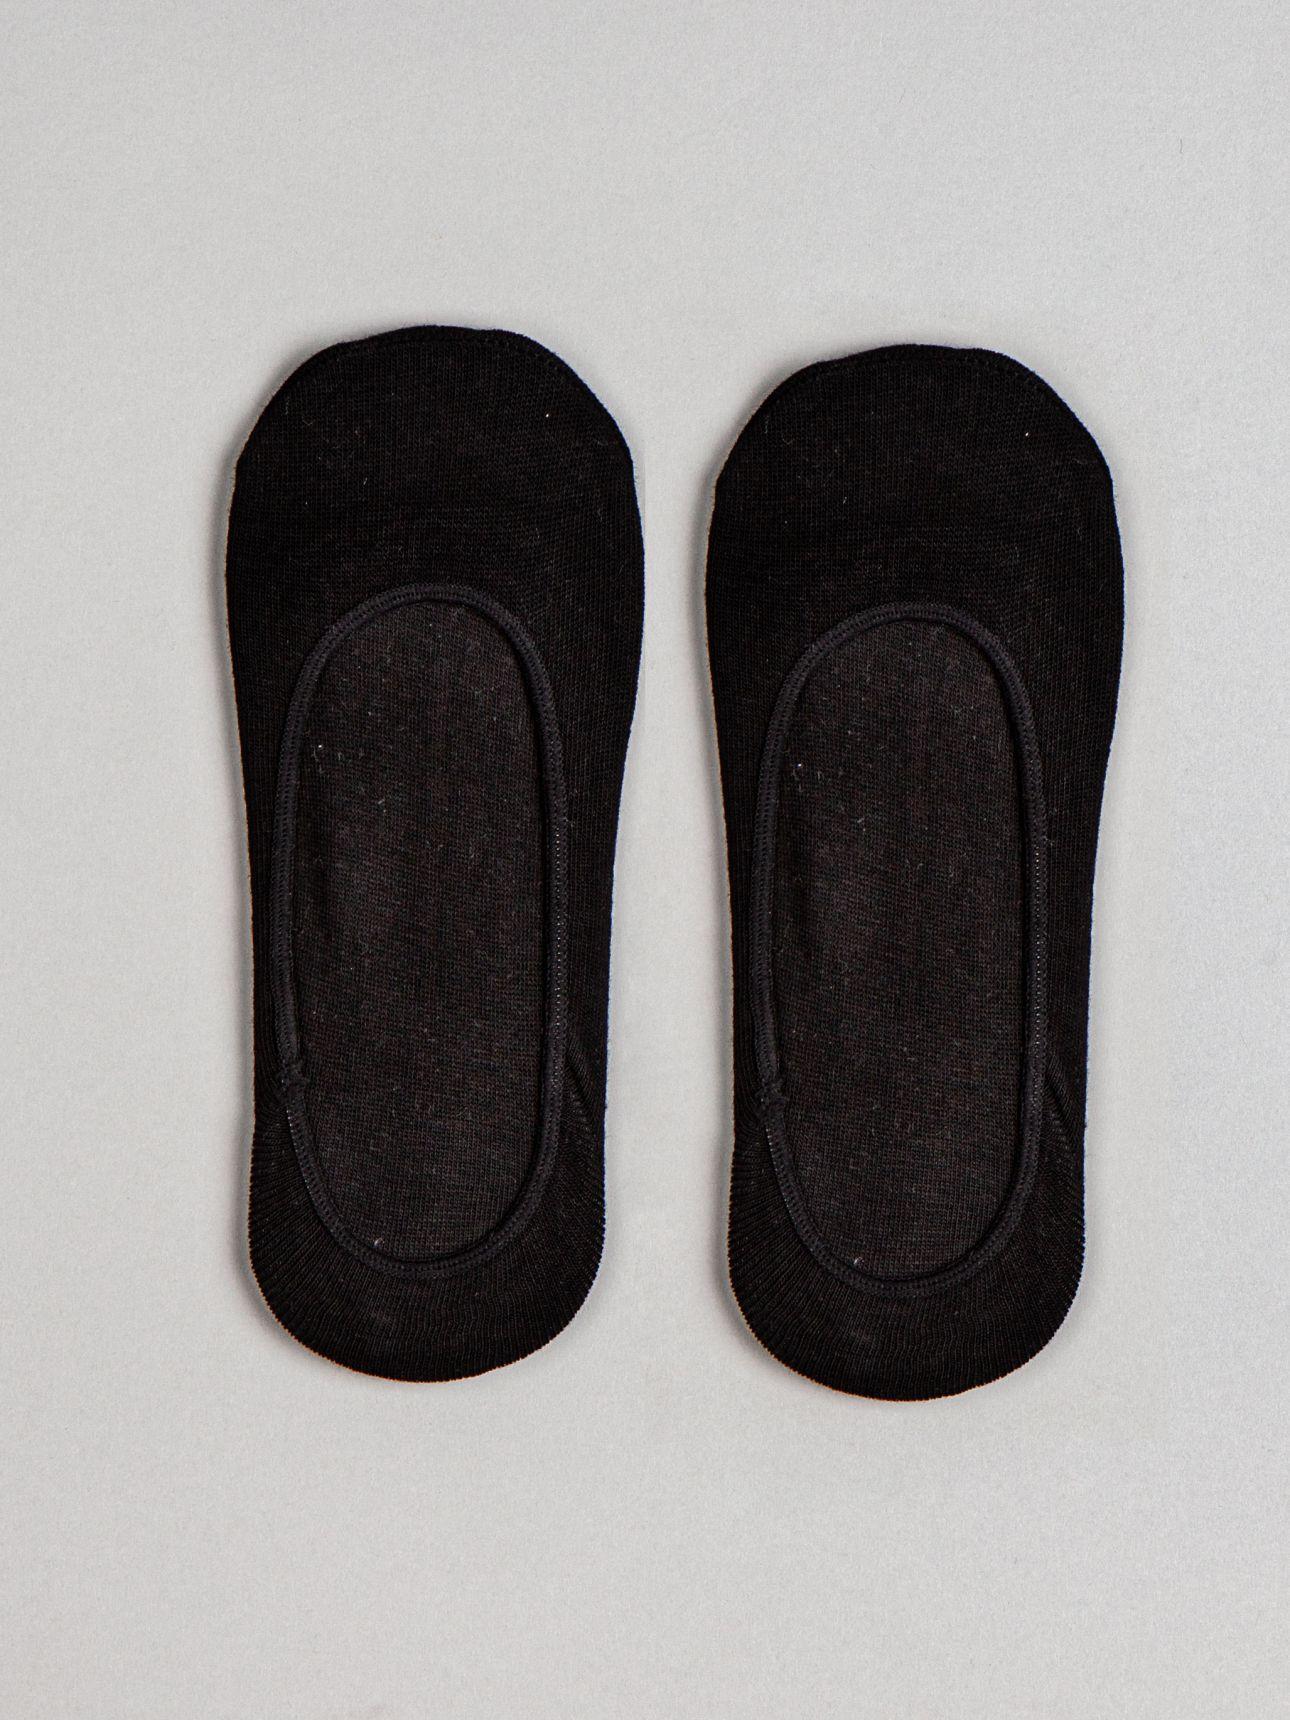 גרבי עקביות כותנה בצבע שחור